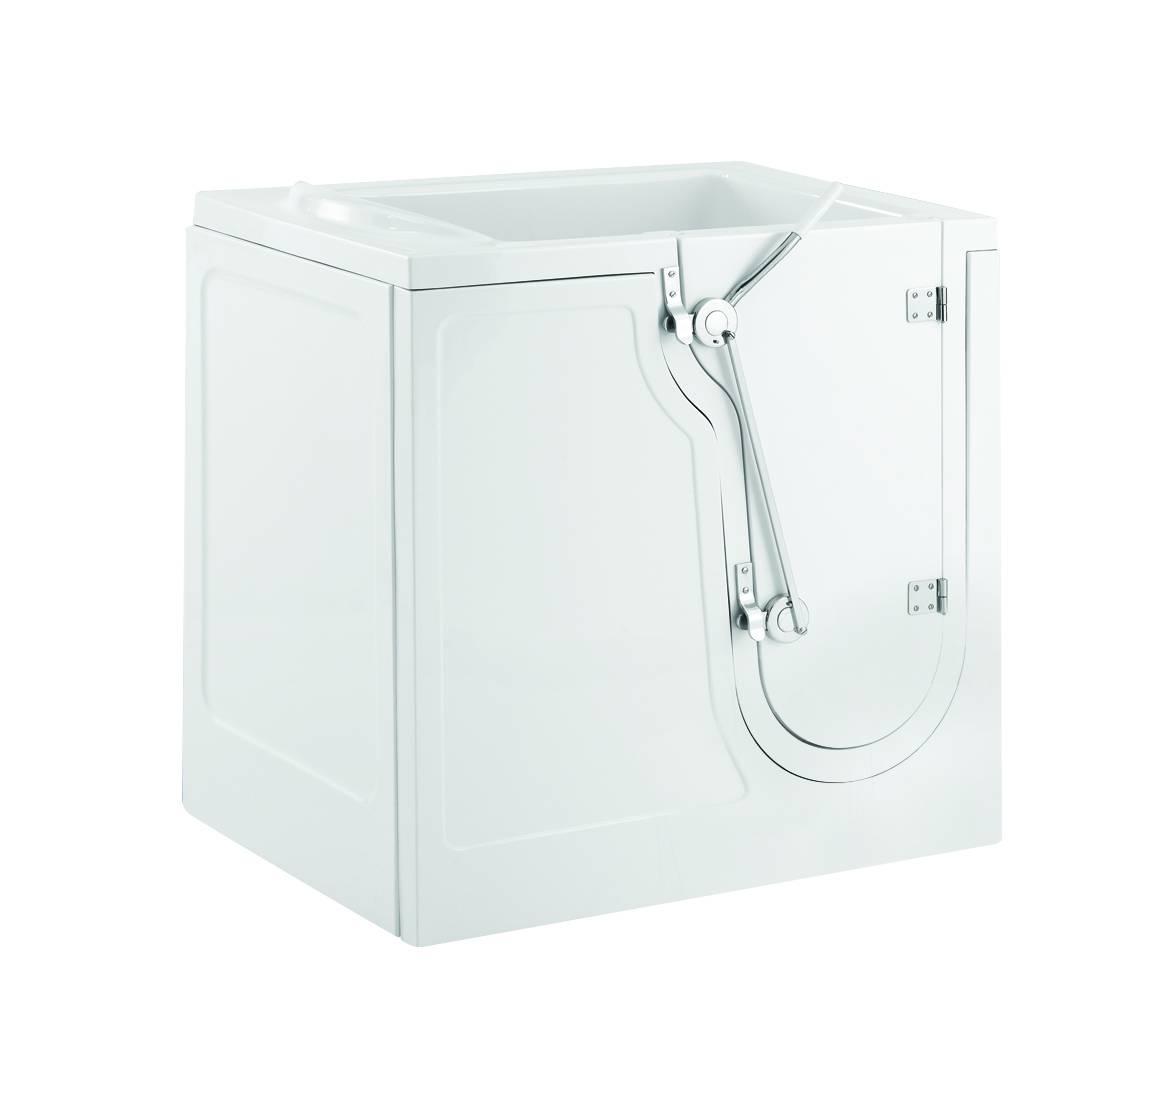 baignoire porte kent douche modul 39 eau. Black Bedroom Furniture Sets. Home Design Ideas